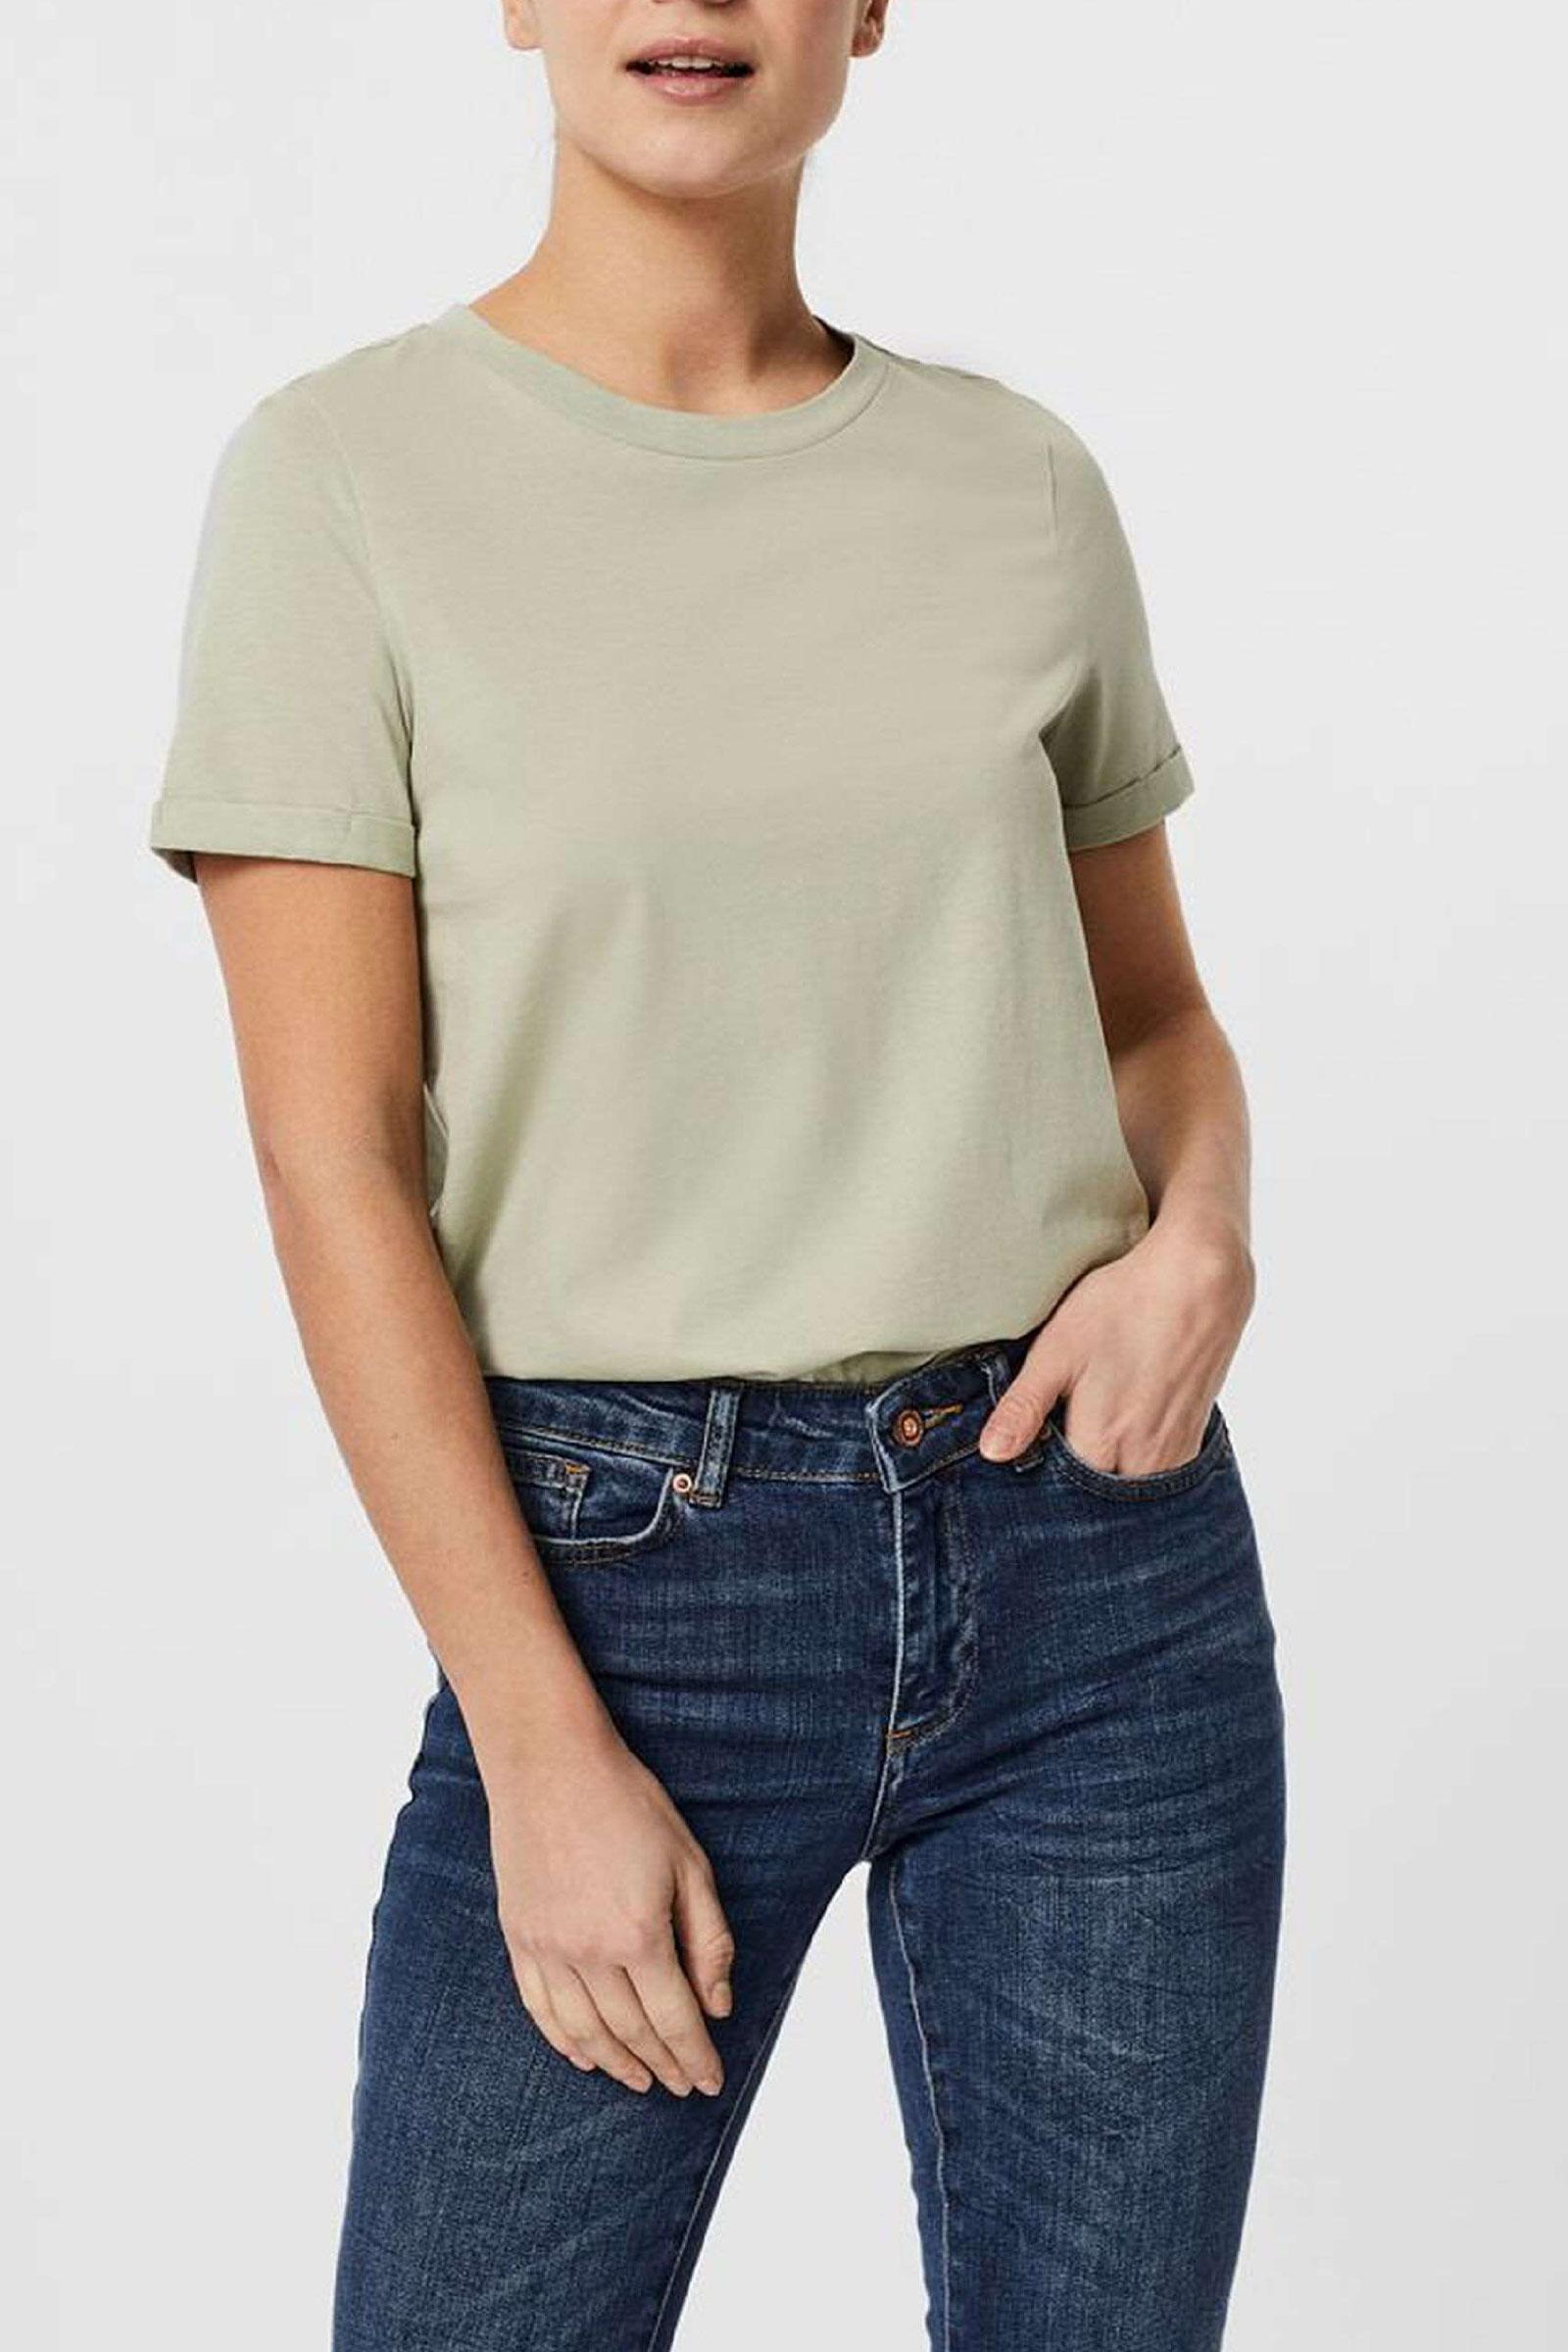 VERO MODA T-SHIRT Donna Modello PAULA VERO MODA | T-Shirt | 10243889Desert Sage